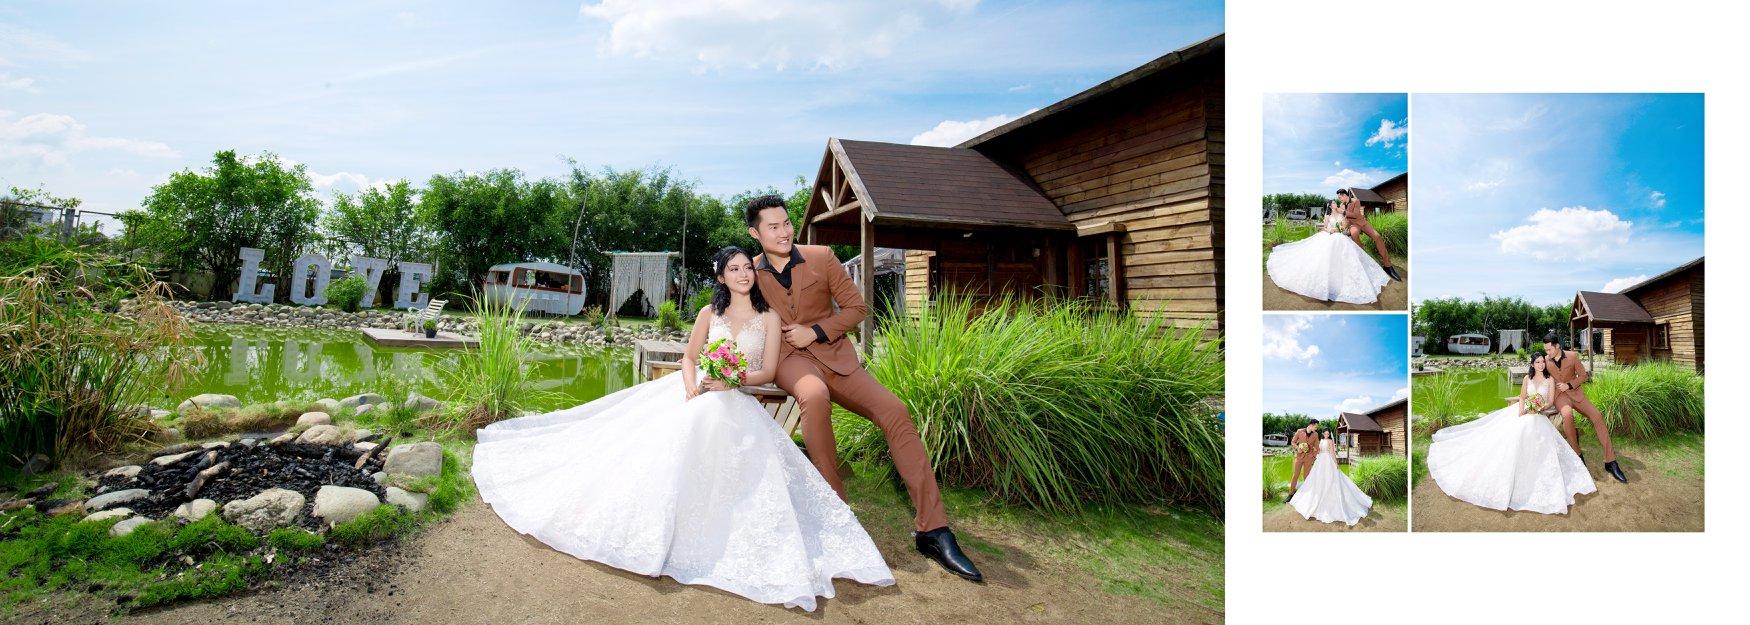 tiệm chụp ảnh cưới ở Bình Dương